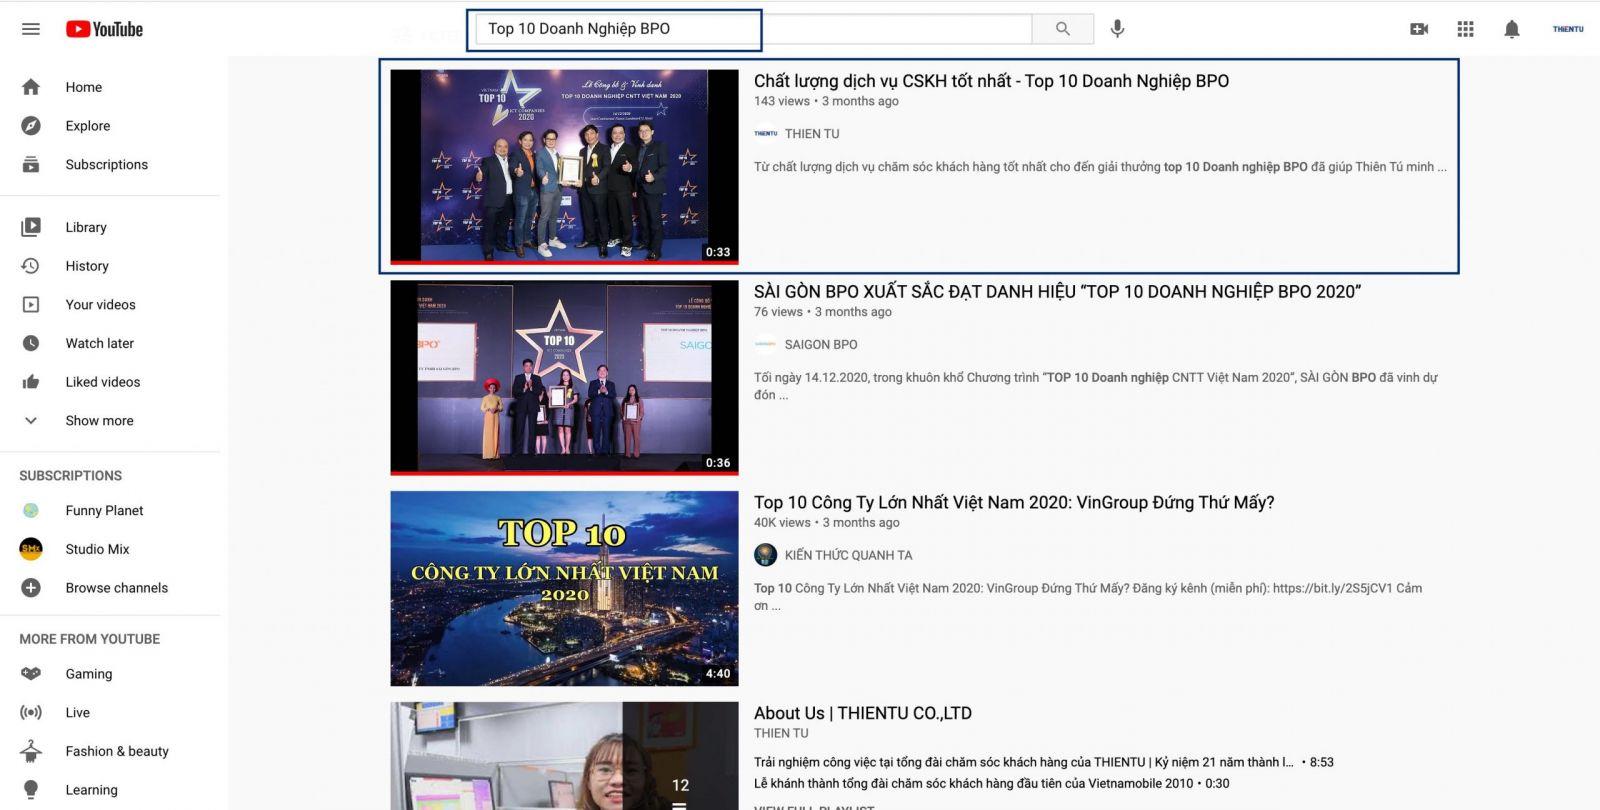 SEO Youtube từ khóa Top 10 Doanh Nghiệp BPO